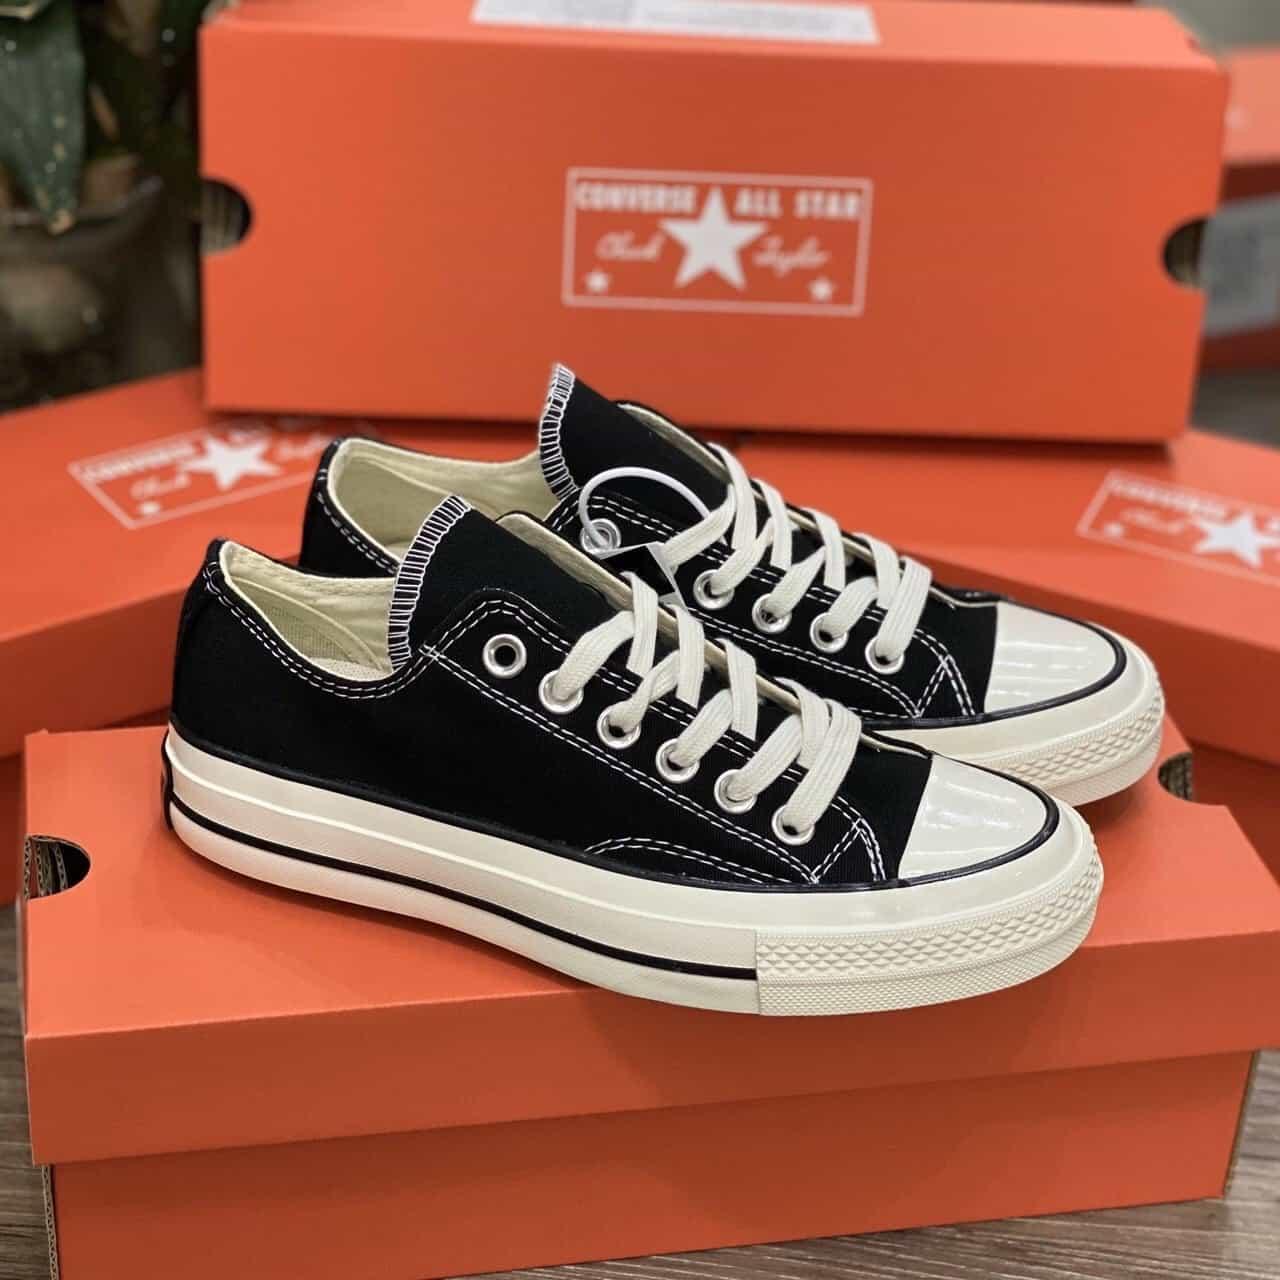 Converse là thương hiệu giày thể thao lâu đời trên thế giới